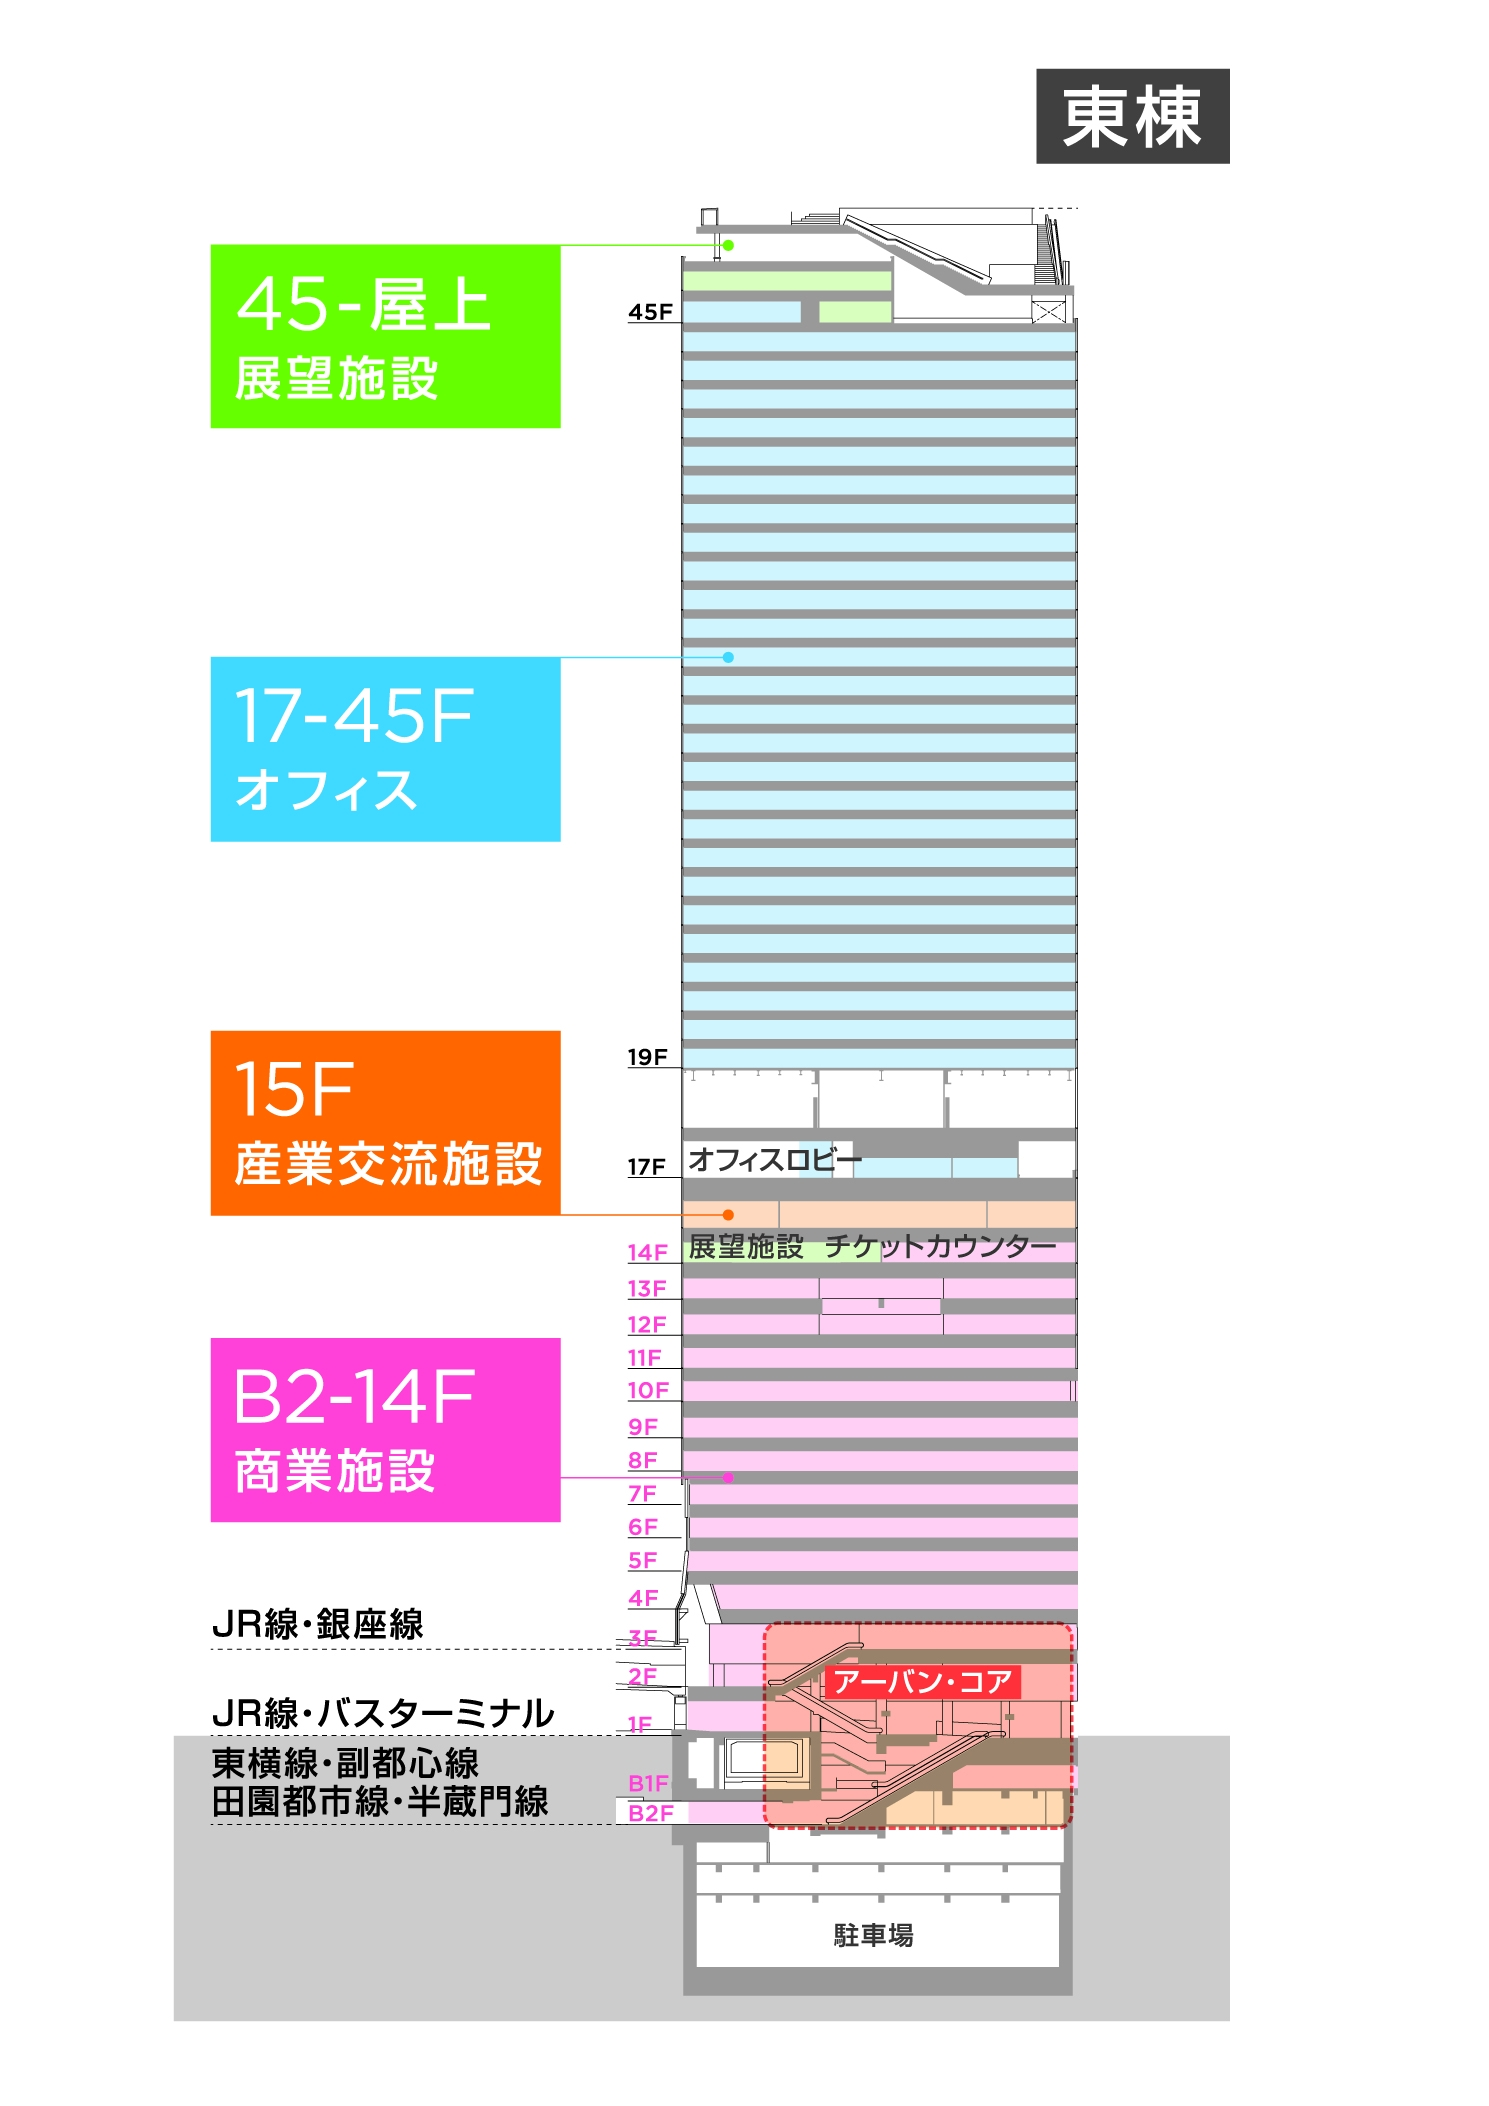 渋谷スクランブルスクエアフロア構成